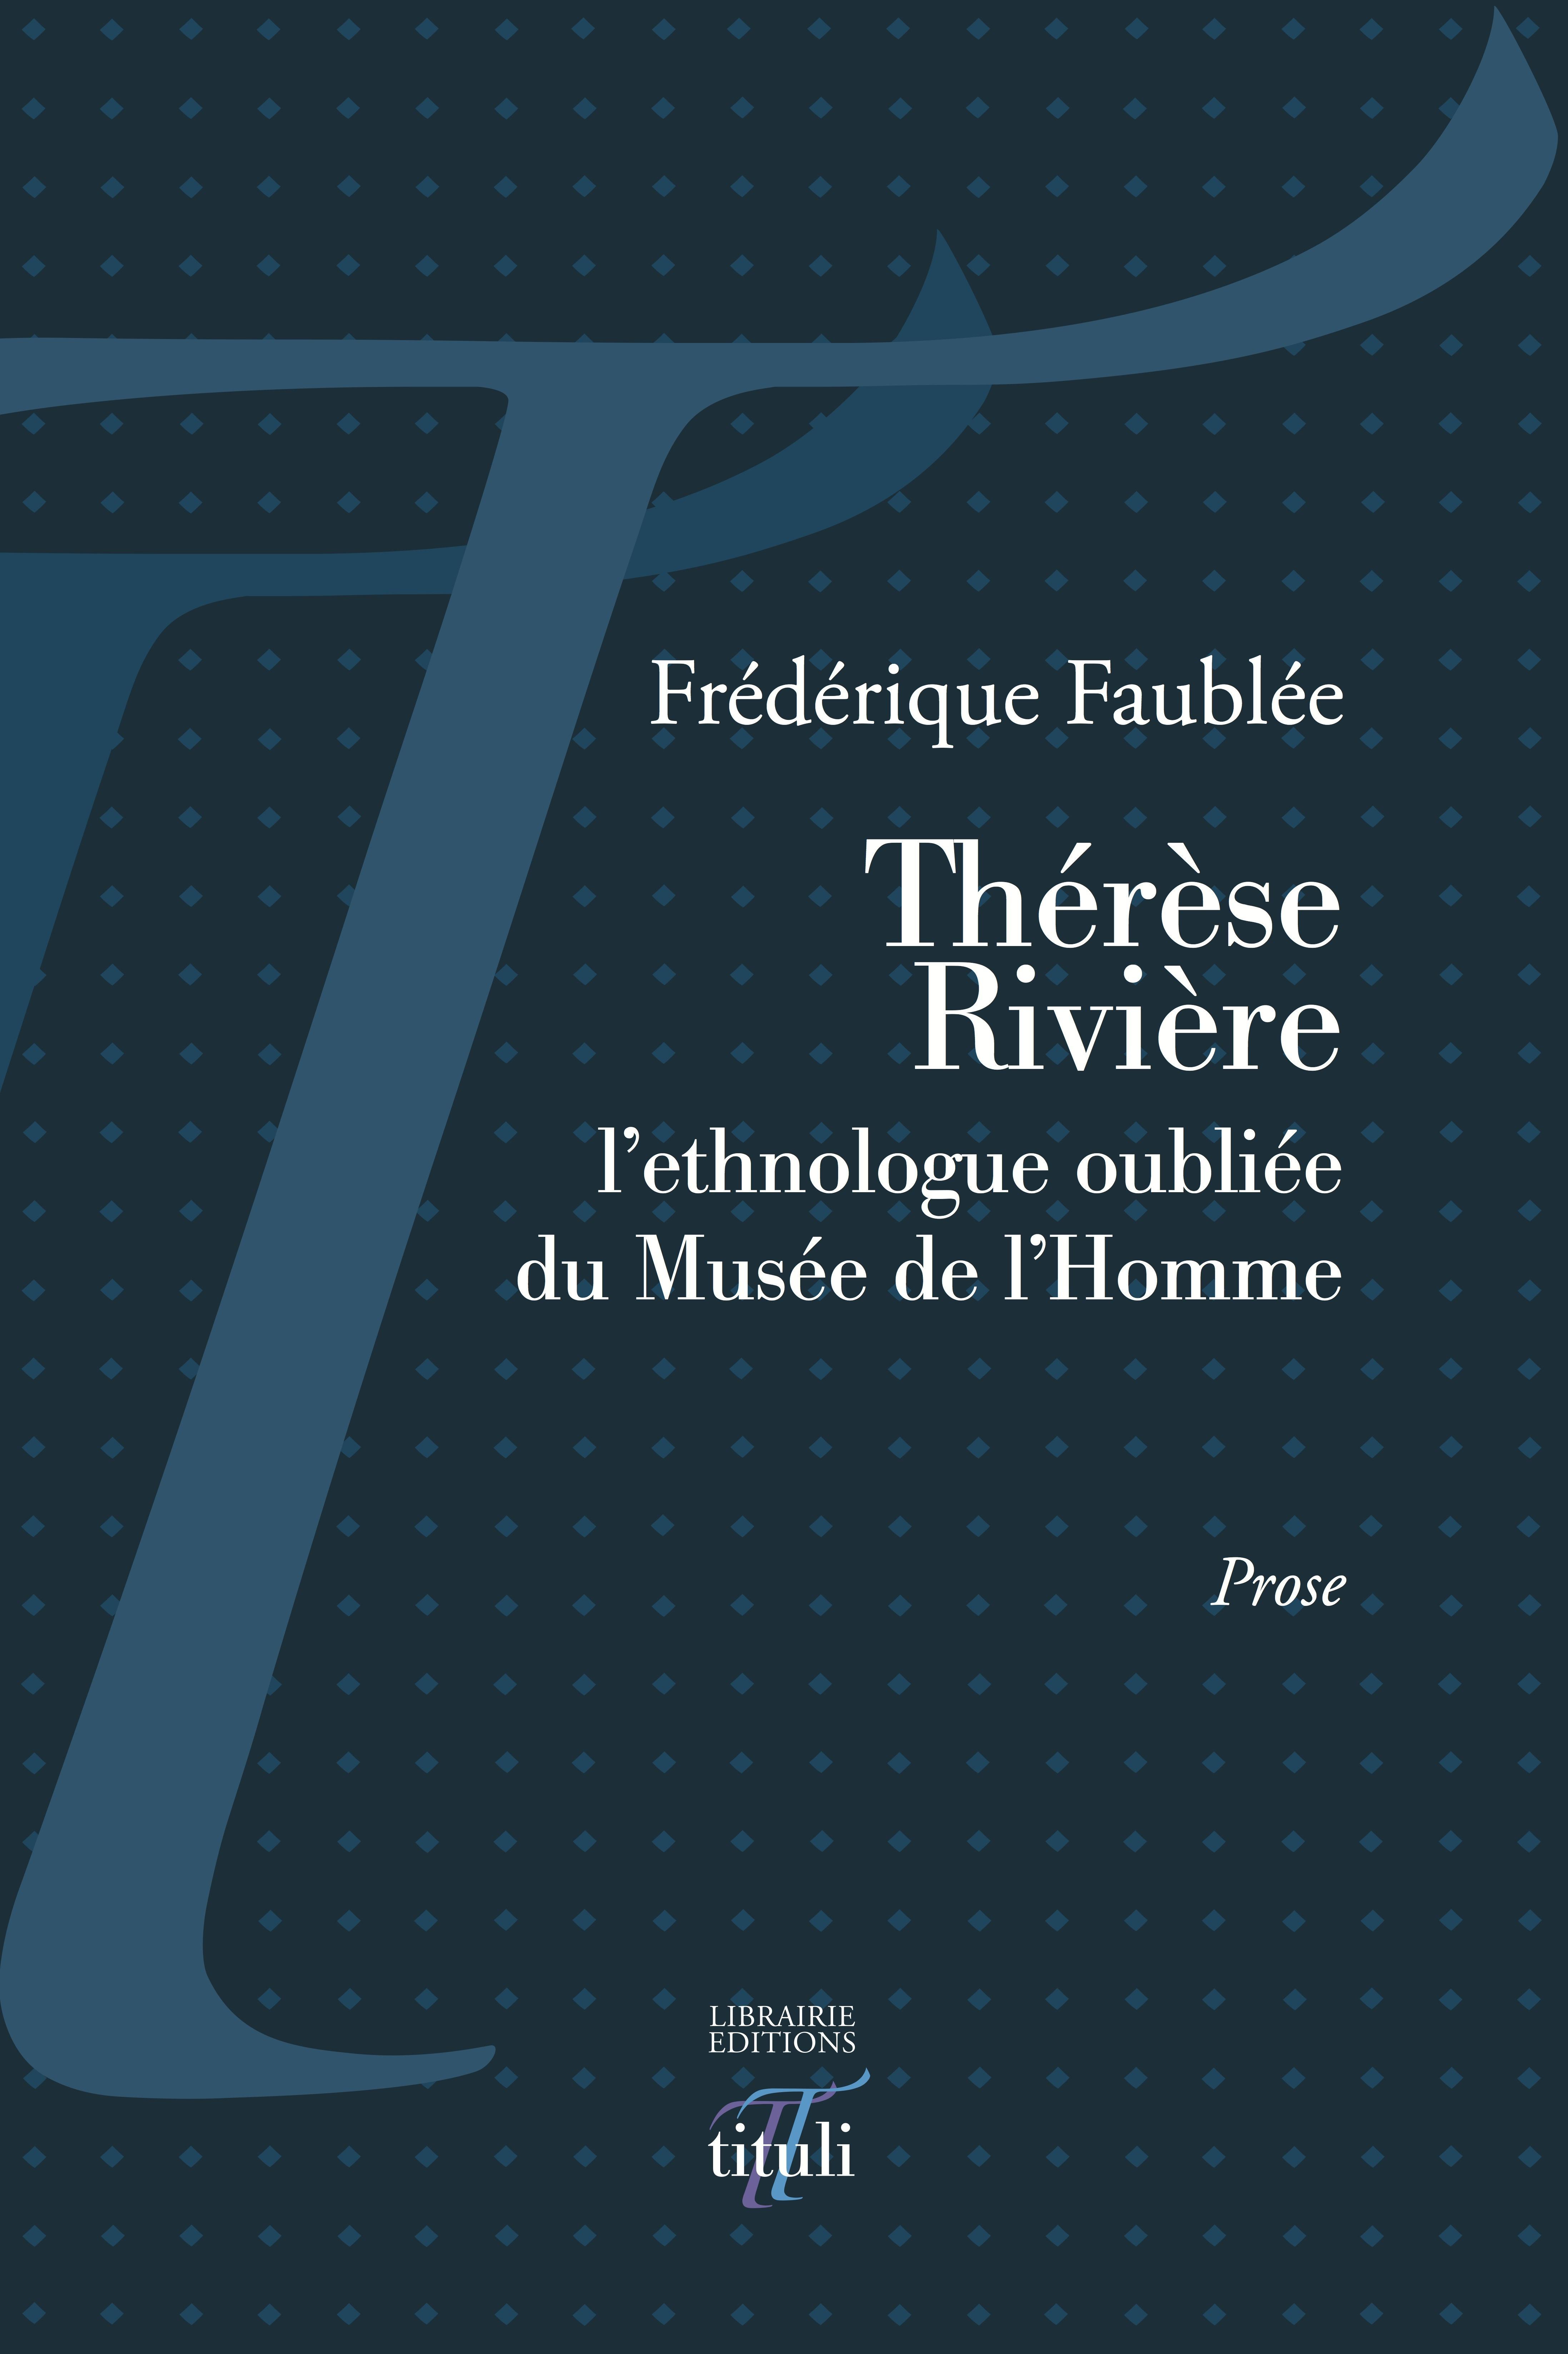 Thérèse Rivière  - Frederique Faublee